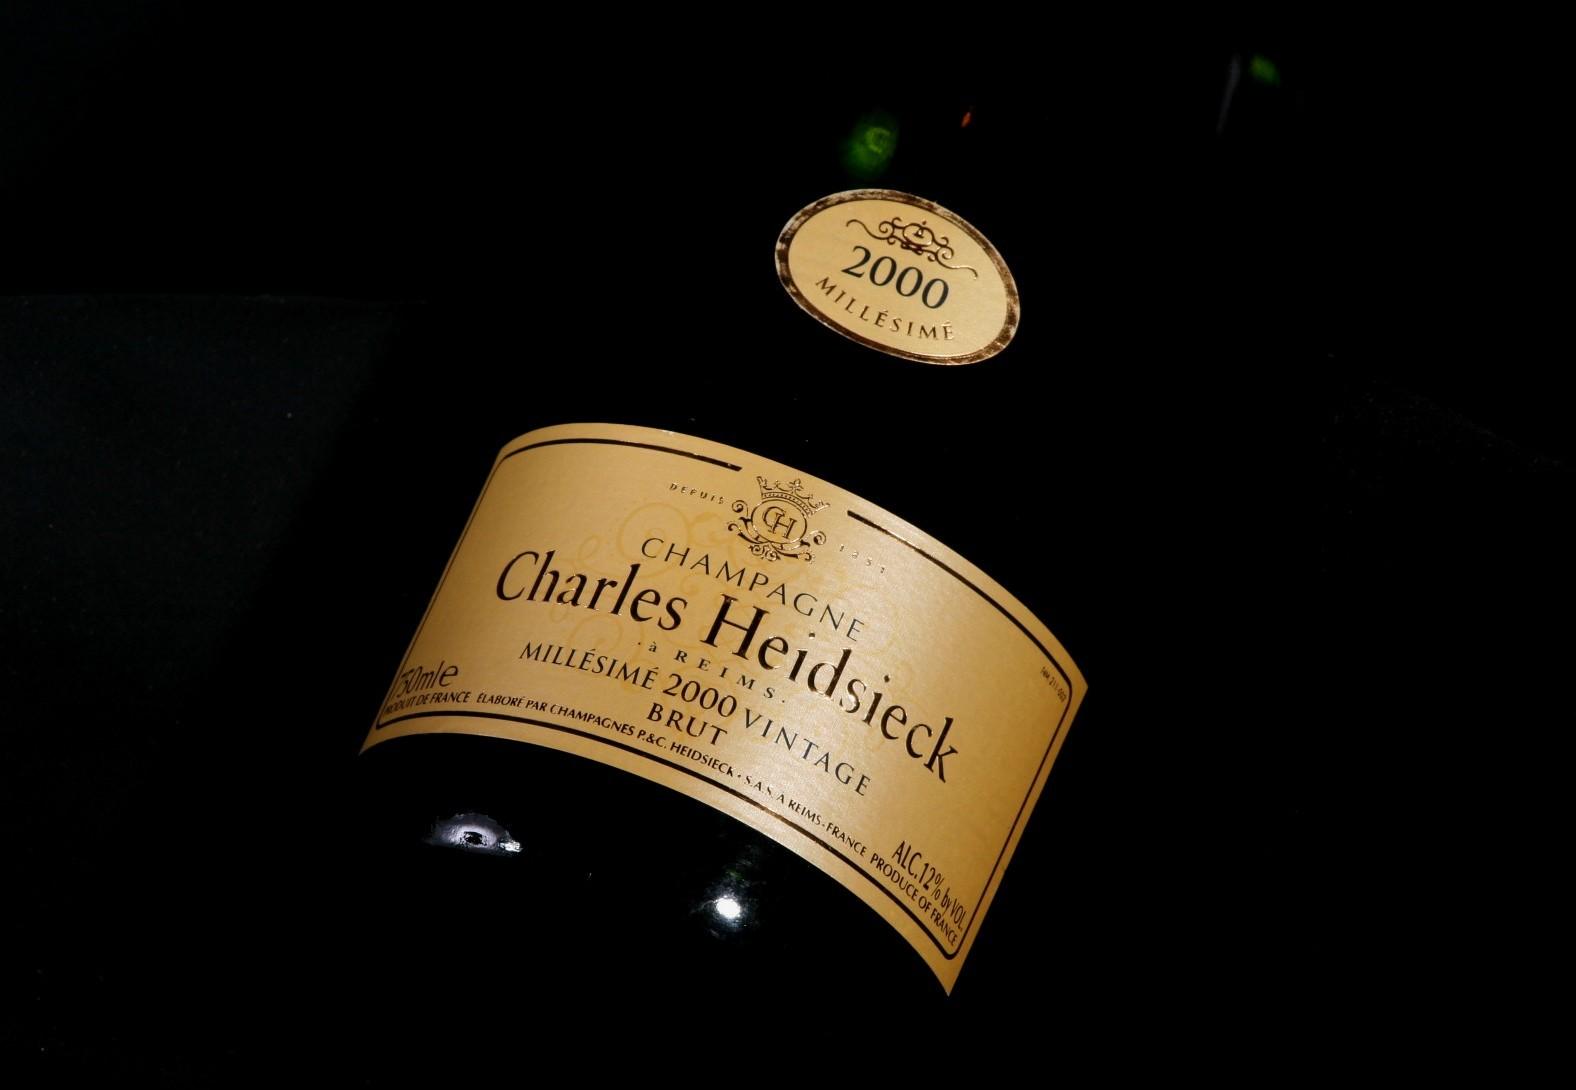 Confirm. Charles heidsieck vintage